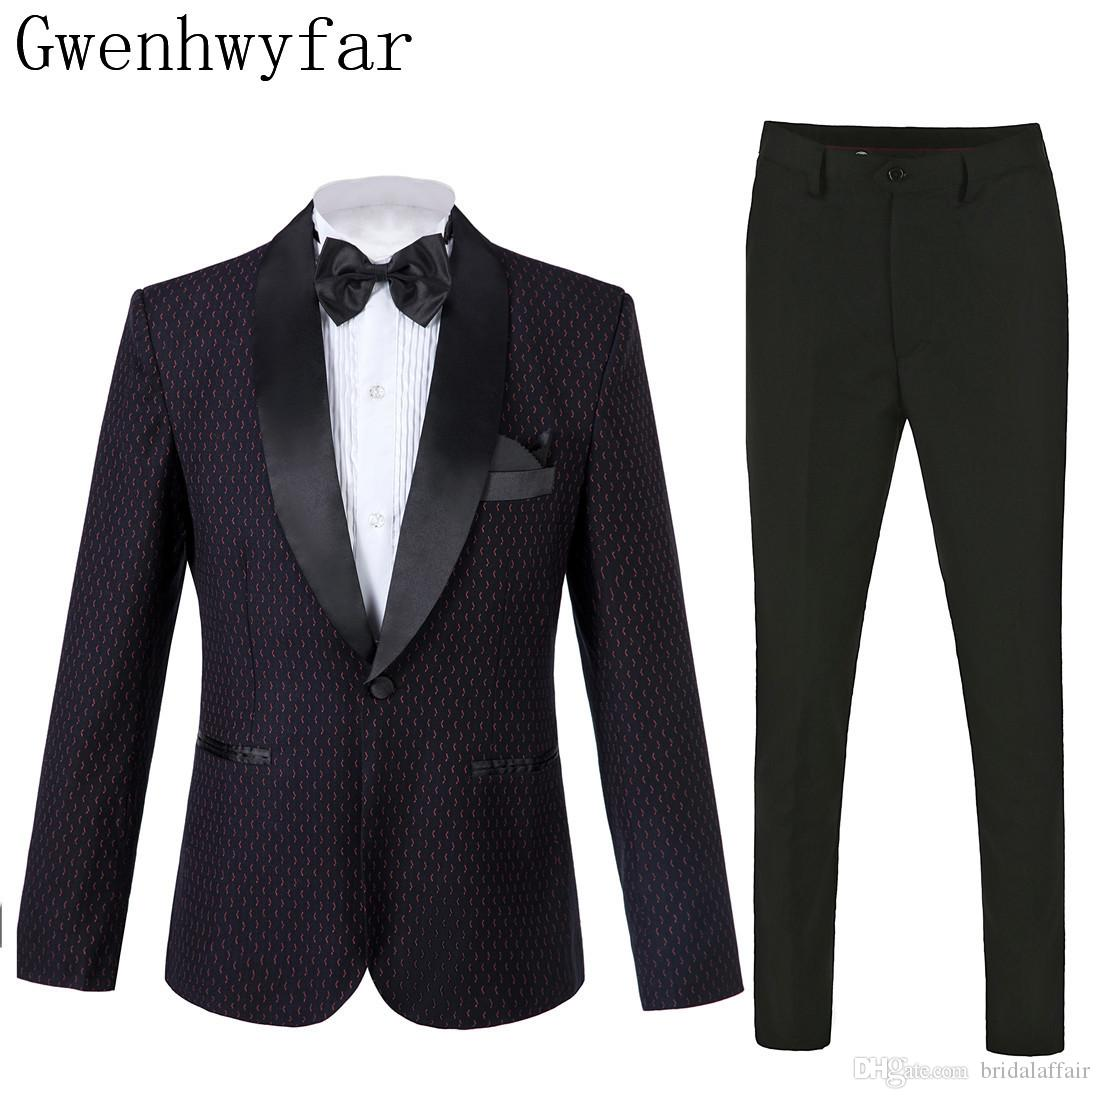 2019 на заказ темно-фиолетовый прекрасный узор шаль отворотом мужской костюм набор формальных свадебный выпускной смокинг 2 шт костюм